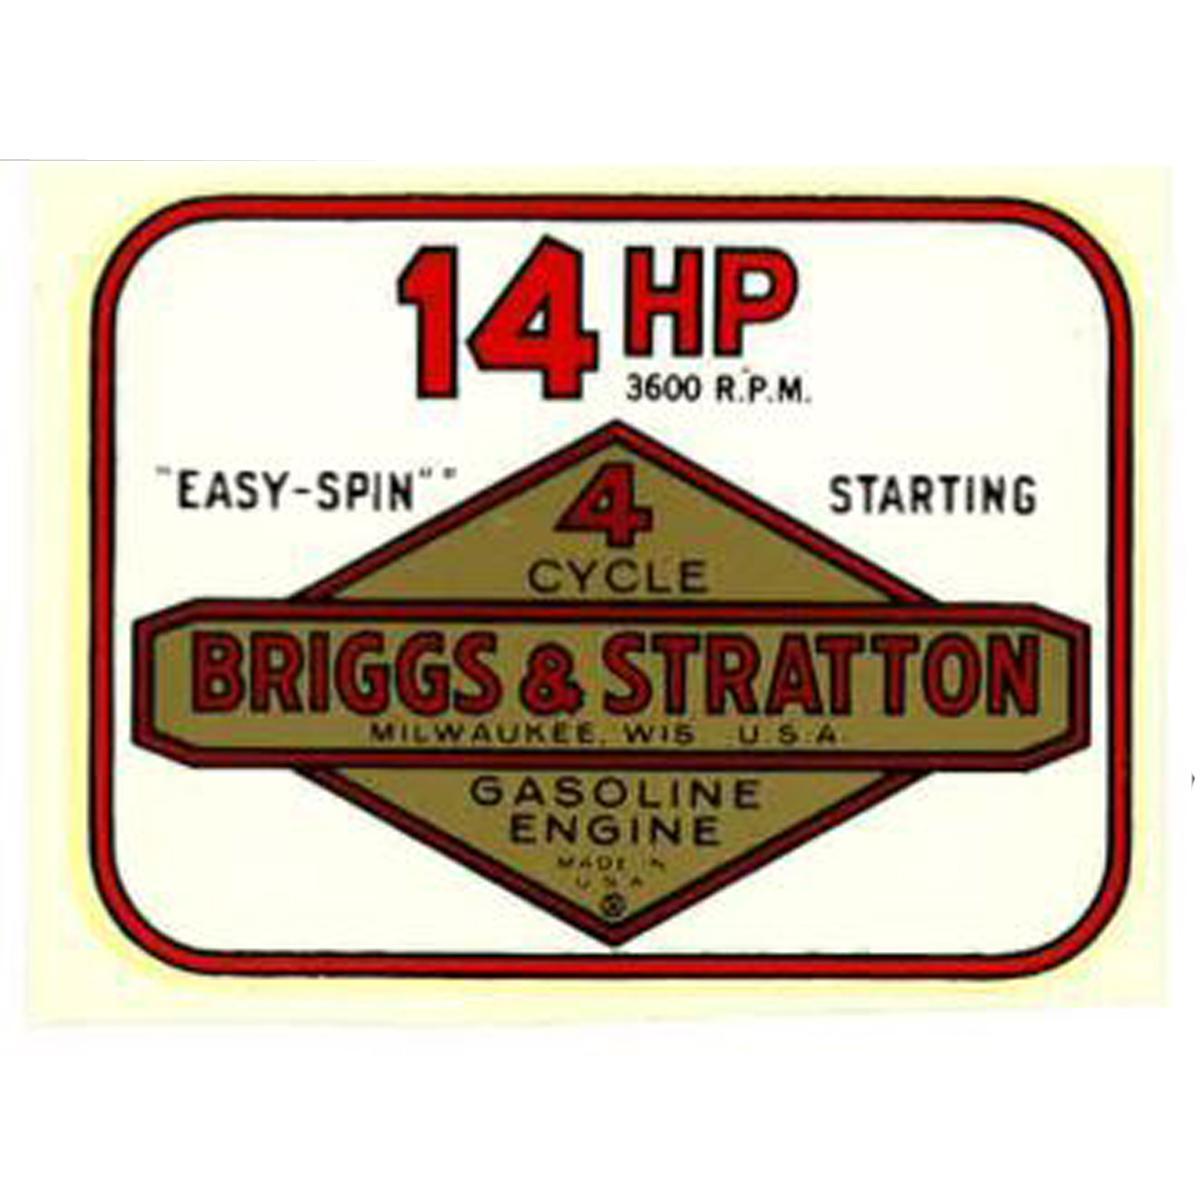 14 HP vintage water slide decal